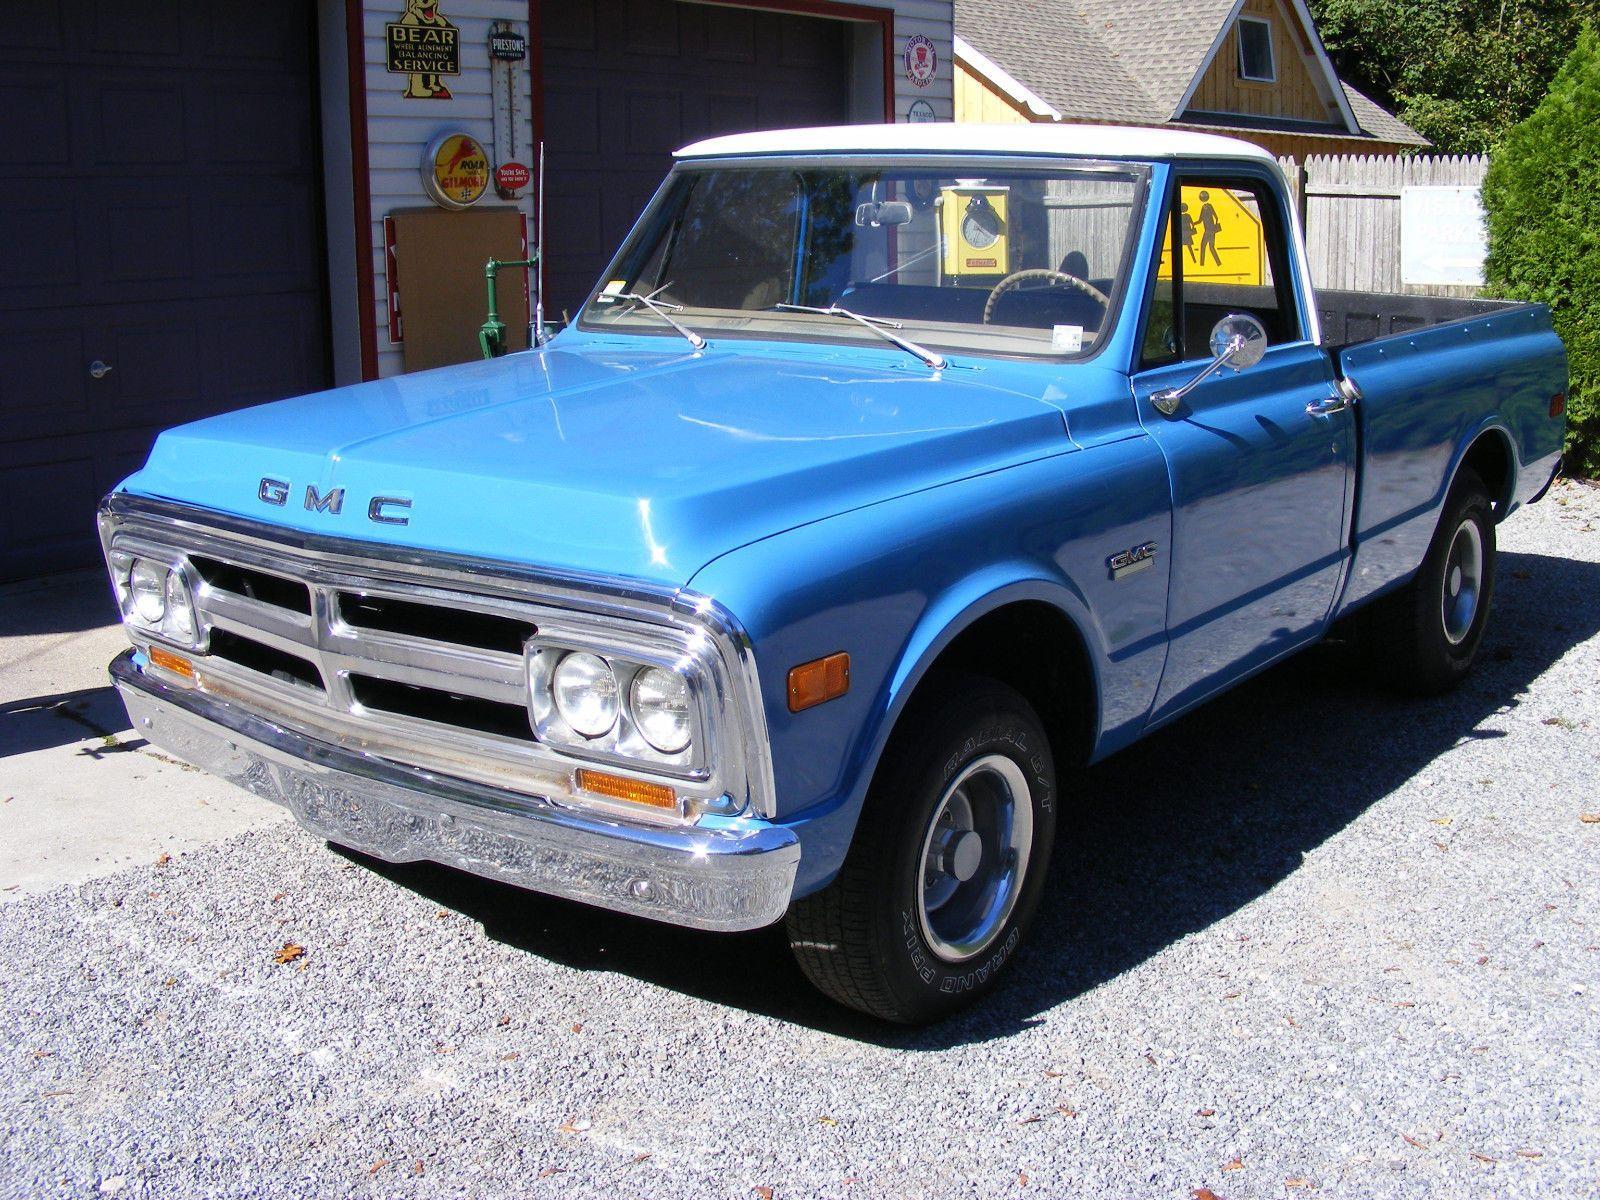 original 1970 GMC C 10 vintage pickup | Vintage trucks for sale ...